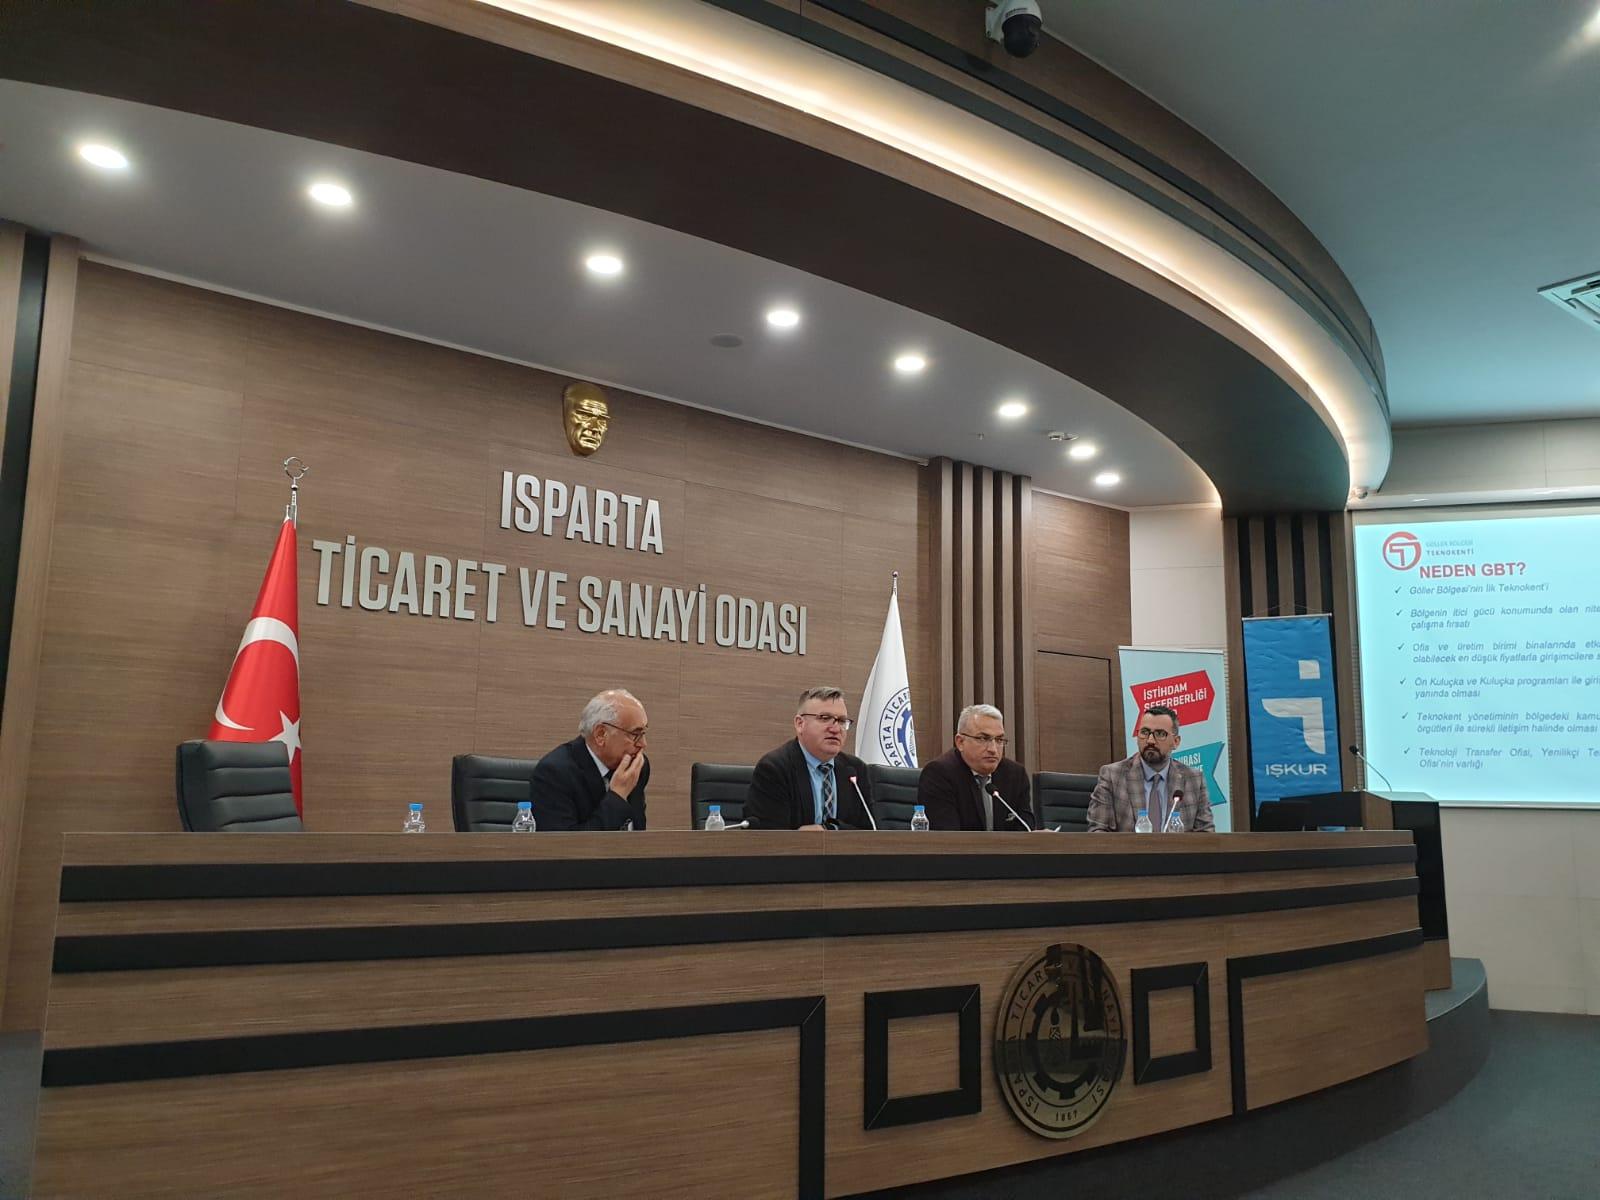 Isparta Ticaret Odası Yönetim Kurulu Ve Üyelerine Bilgilendirme Sunumu Gerçekleştirildi